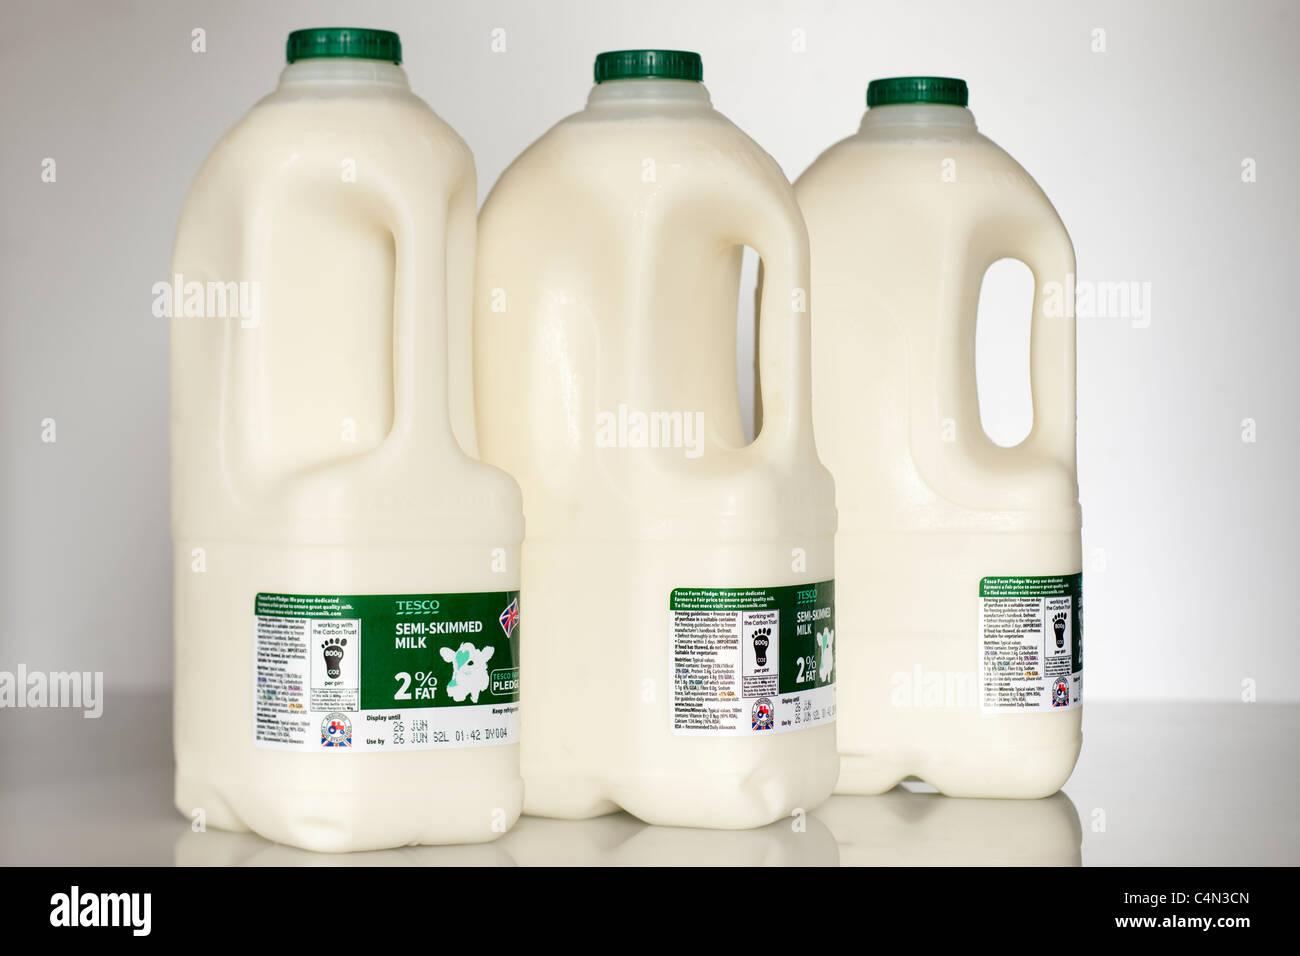 Pint Glass Milk Bottle Uk